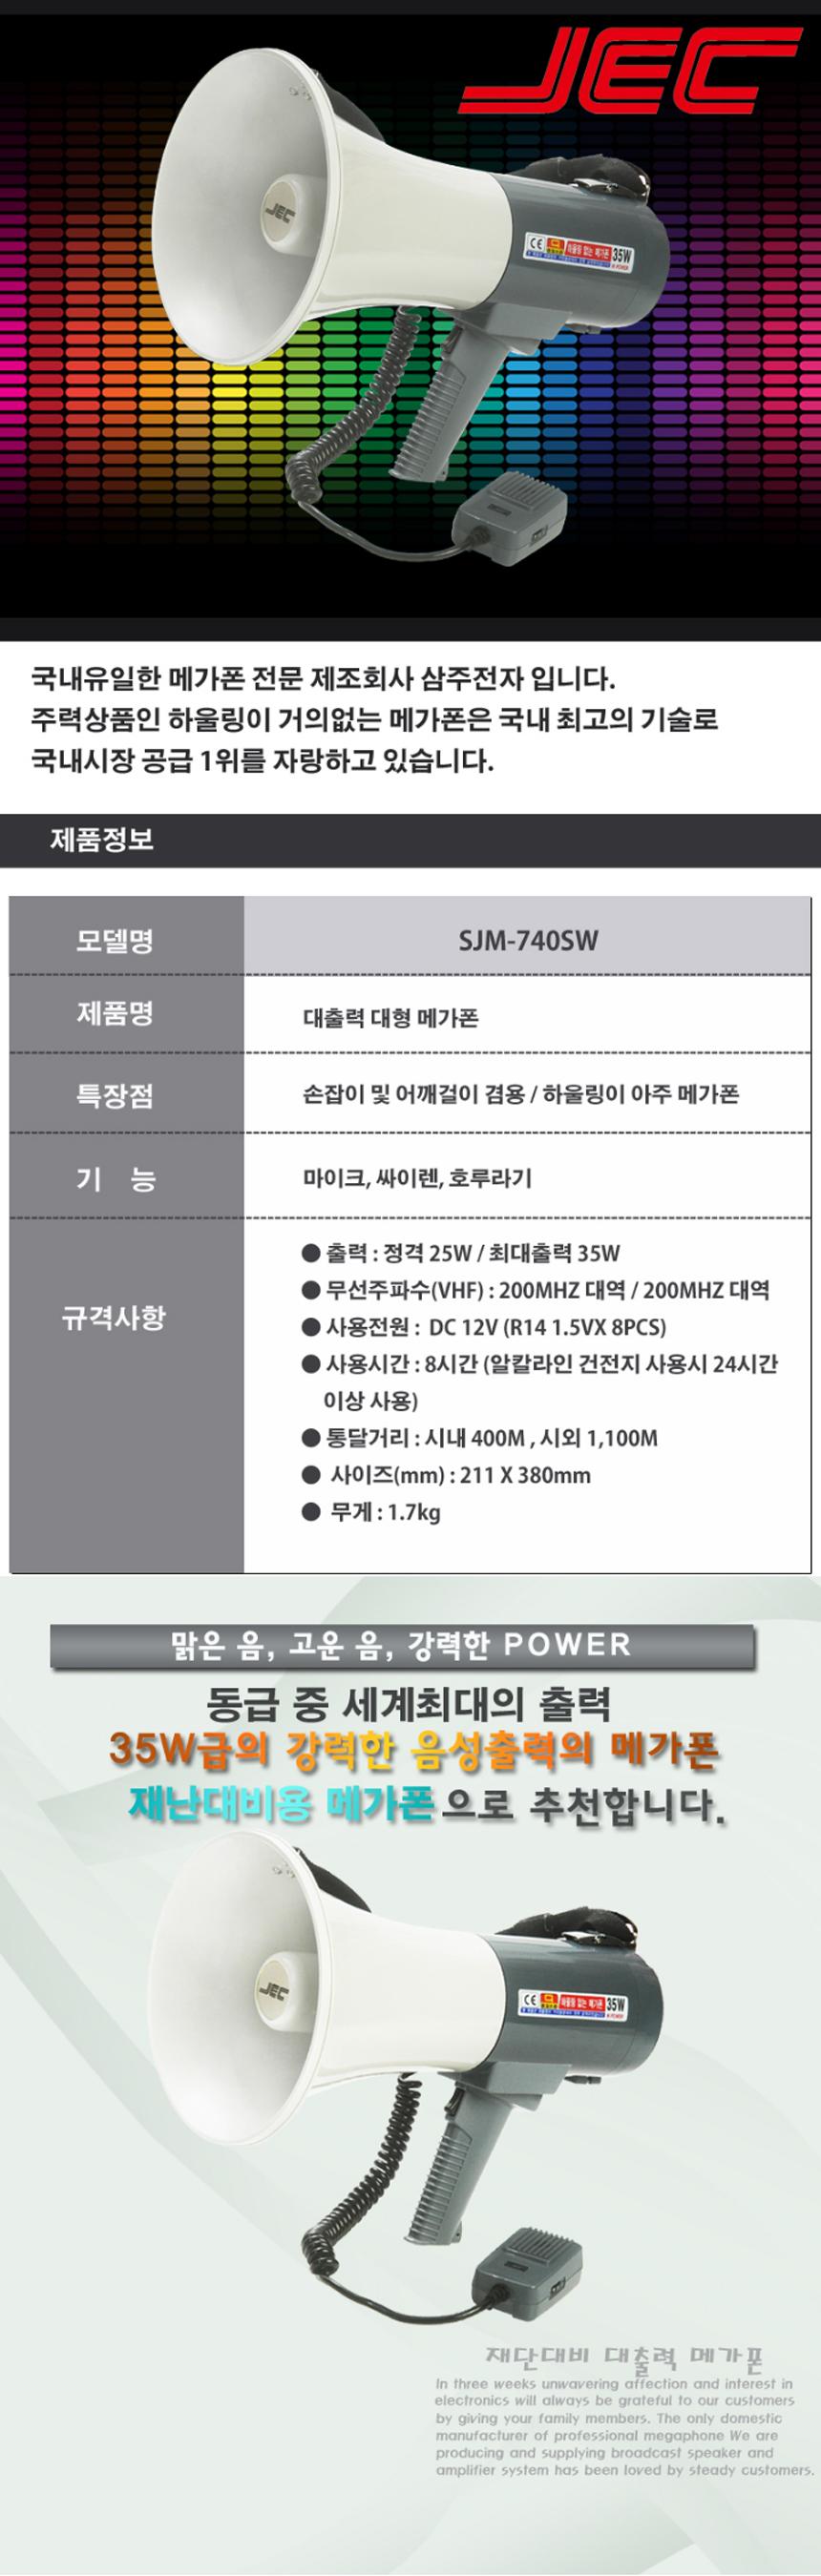 SJM-740SW-PAGE.jpg